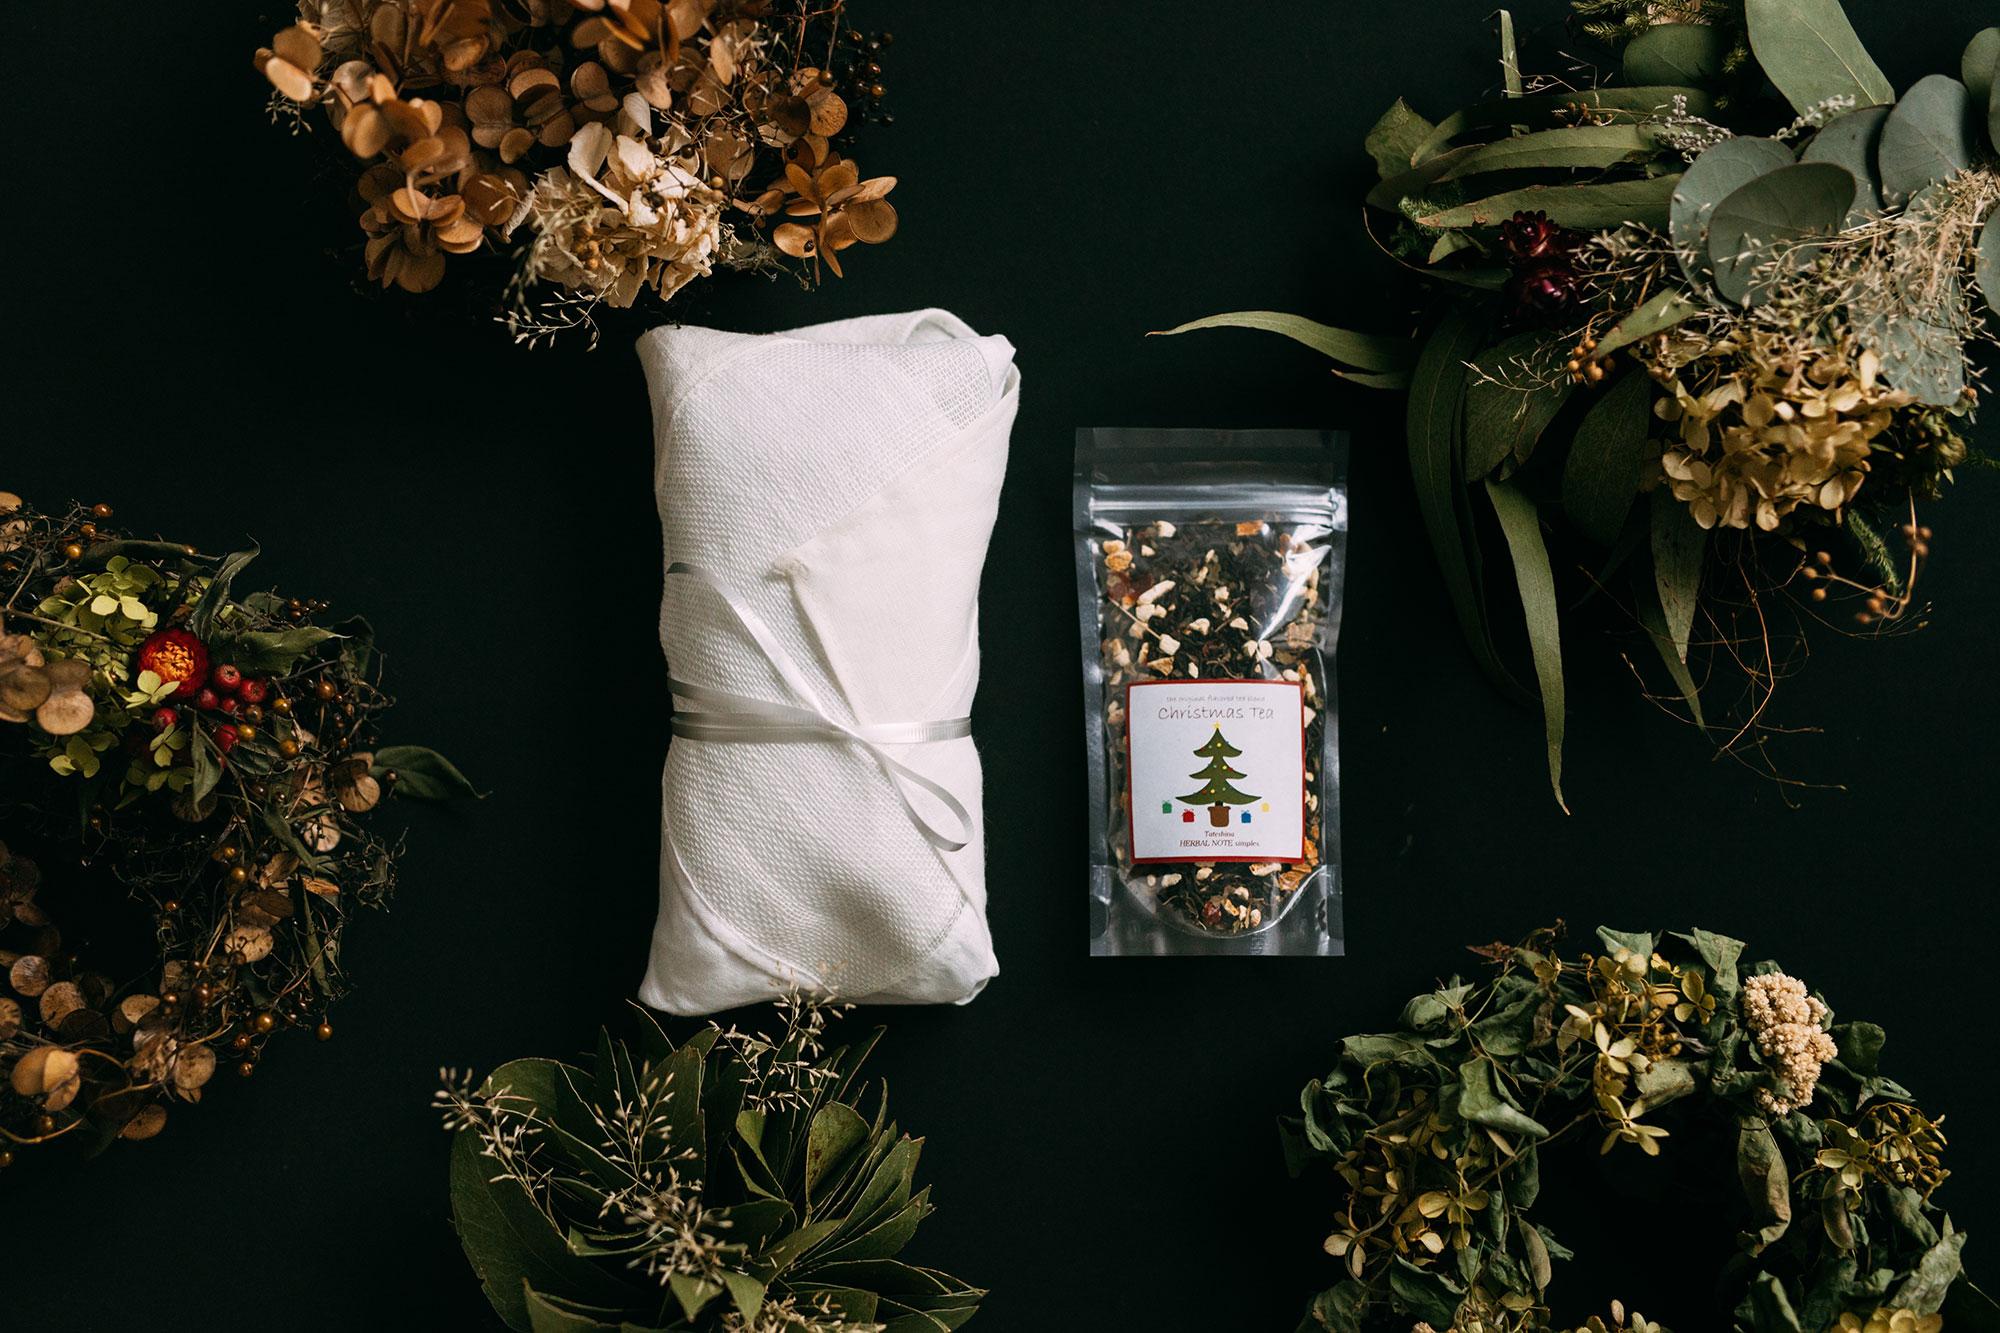 【11月26日販売開始】 Adansonia クリスマスBOX A (Adansonia シュトレン / tsumugi リース or ブーケ / Tateshina HERBAL NOTE simples クリスマスティー)